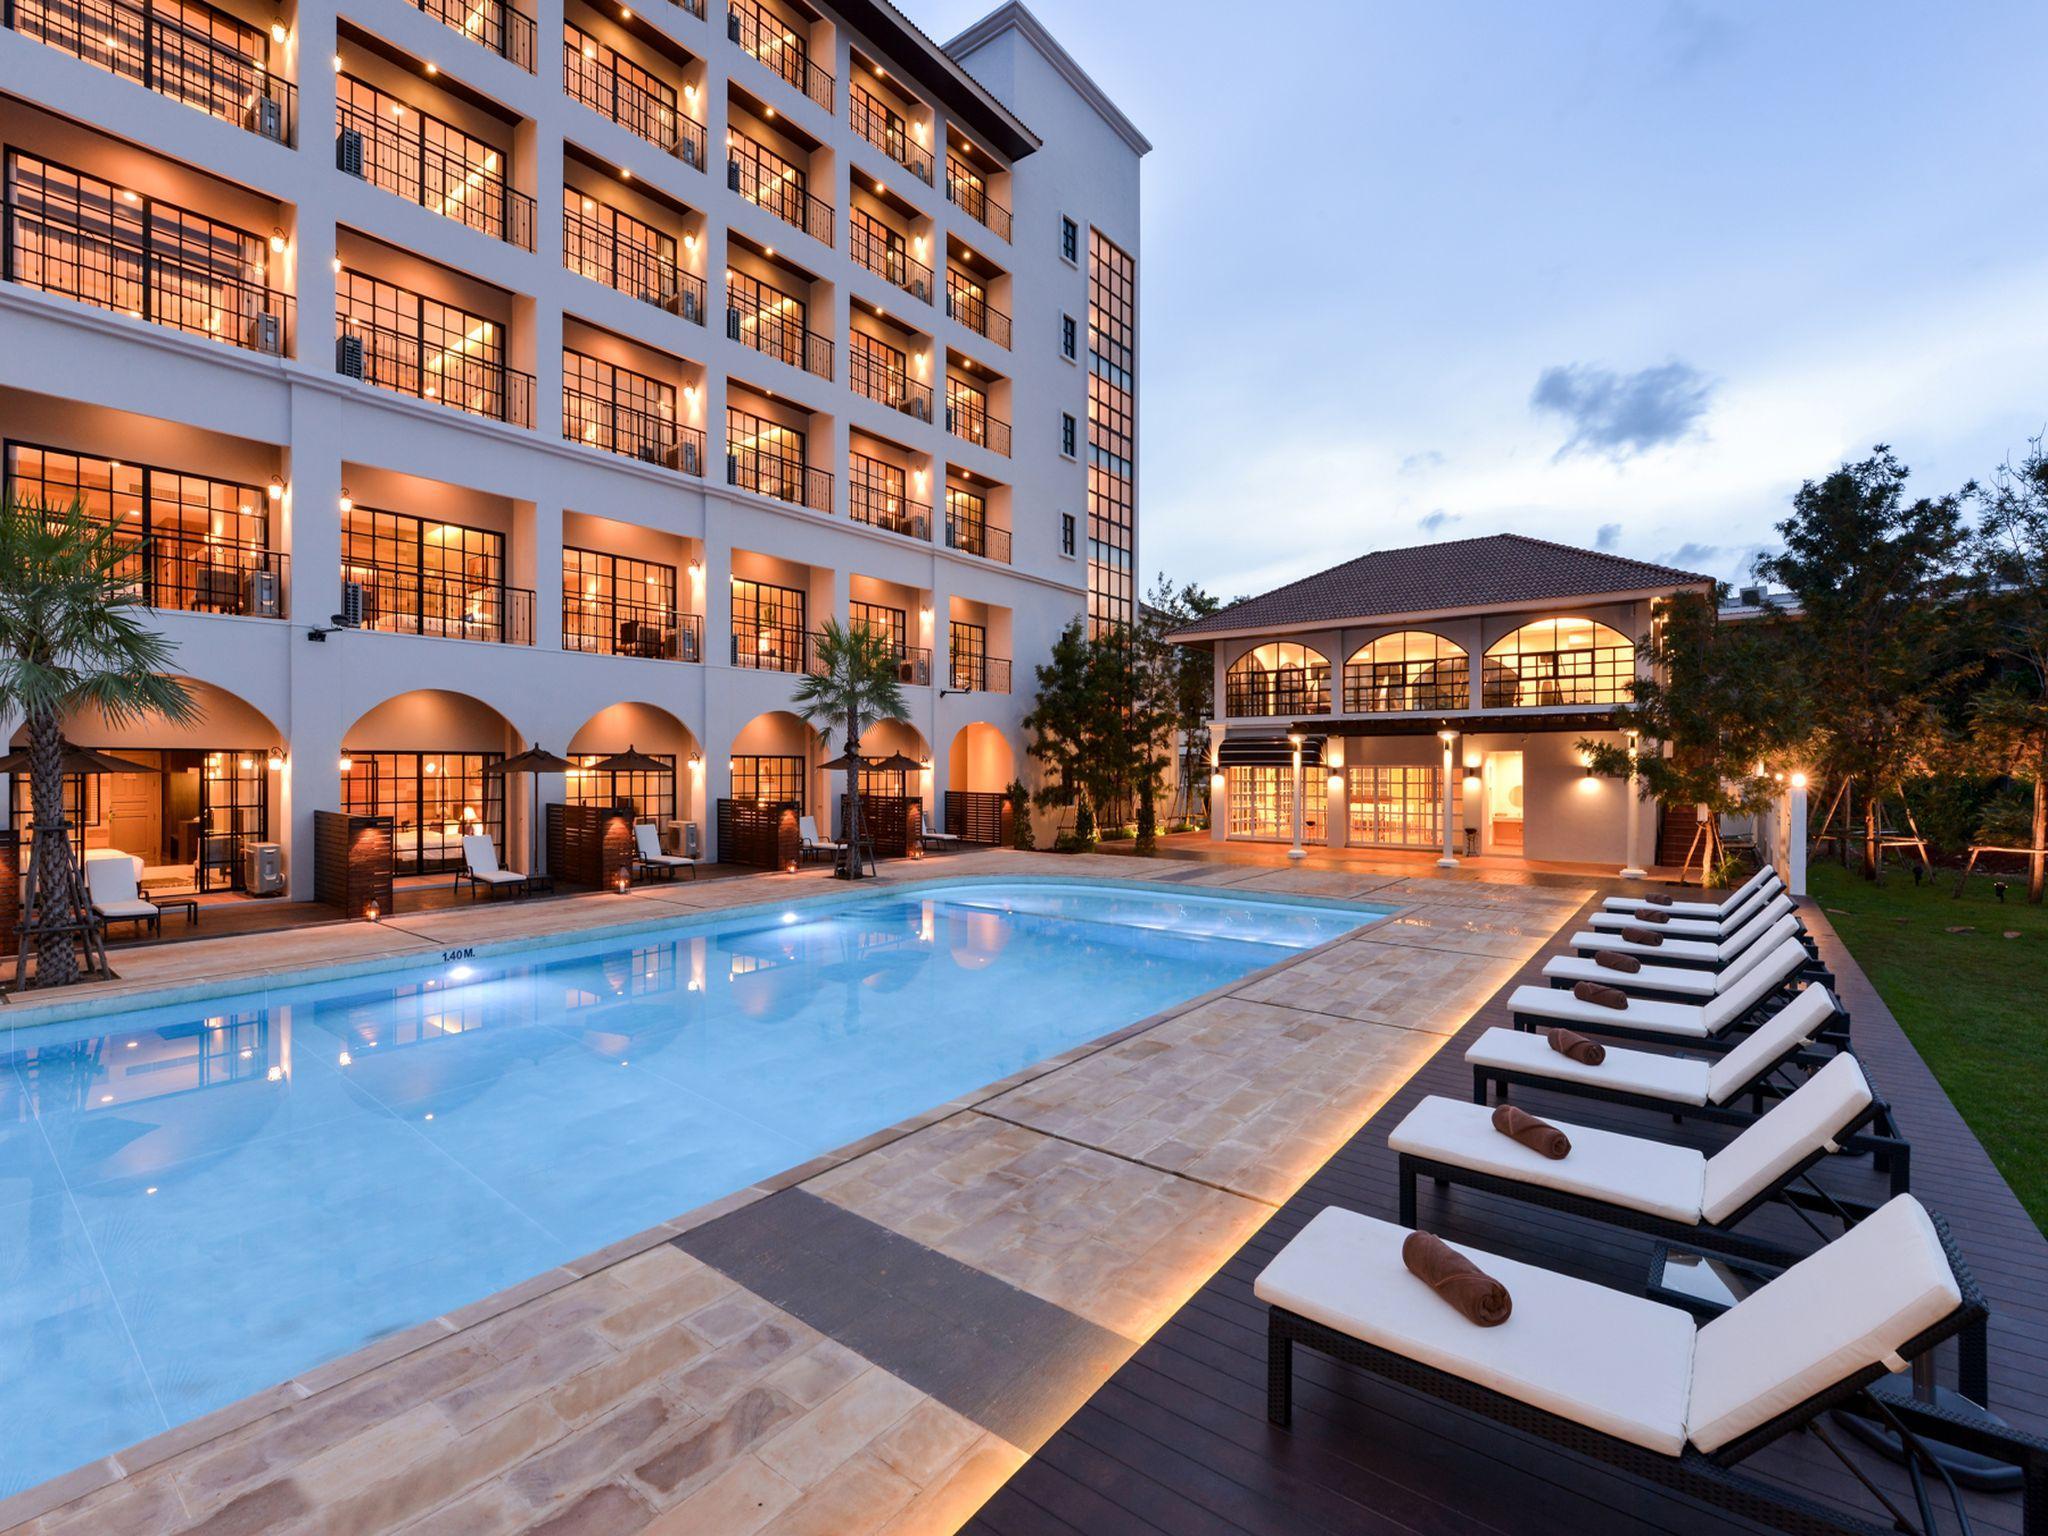 โรงแรมเลอ มอนเต เขาใหญ่